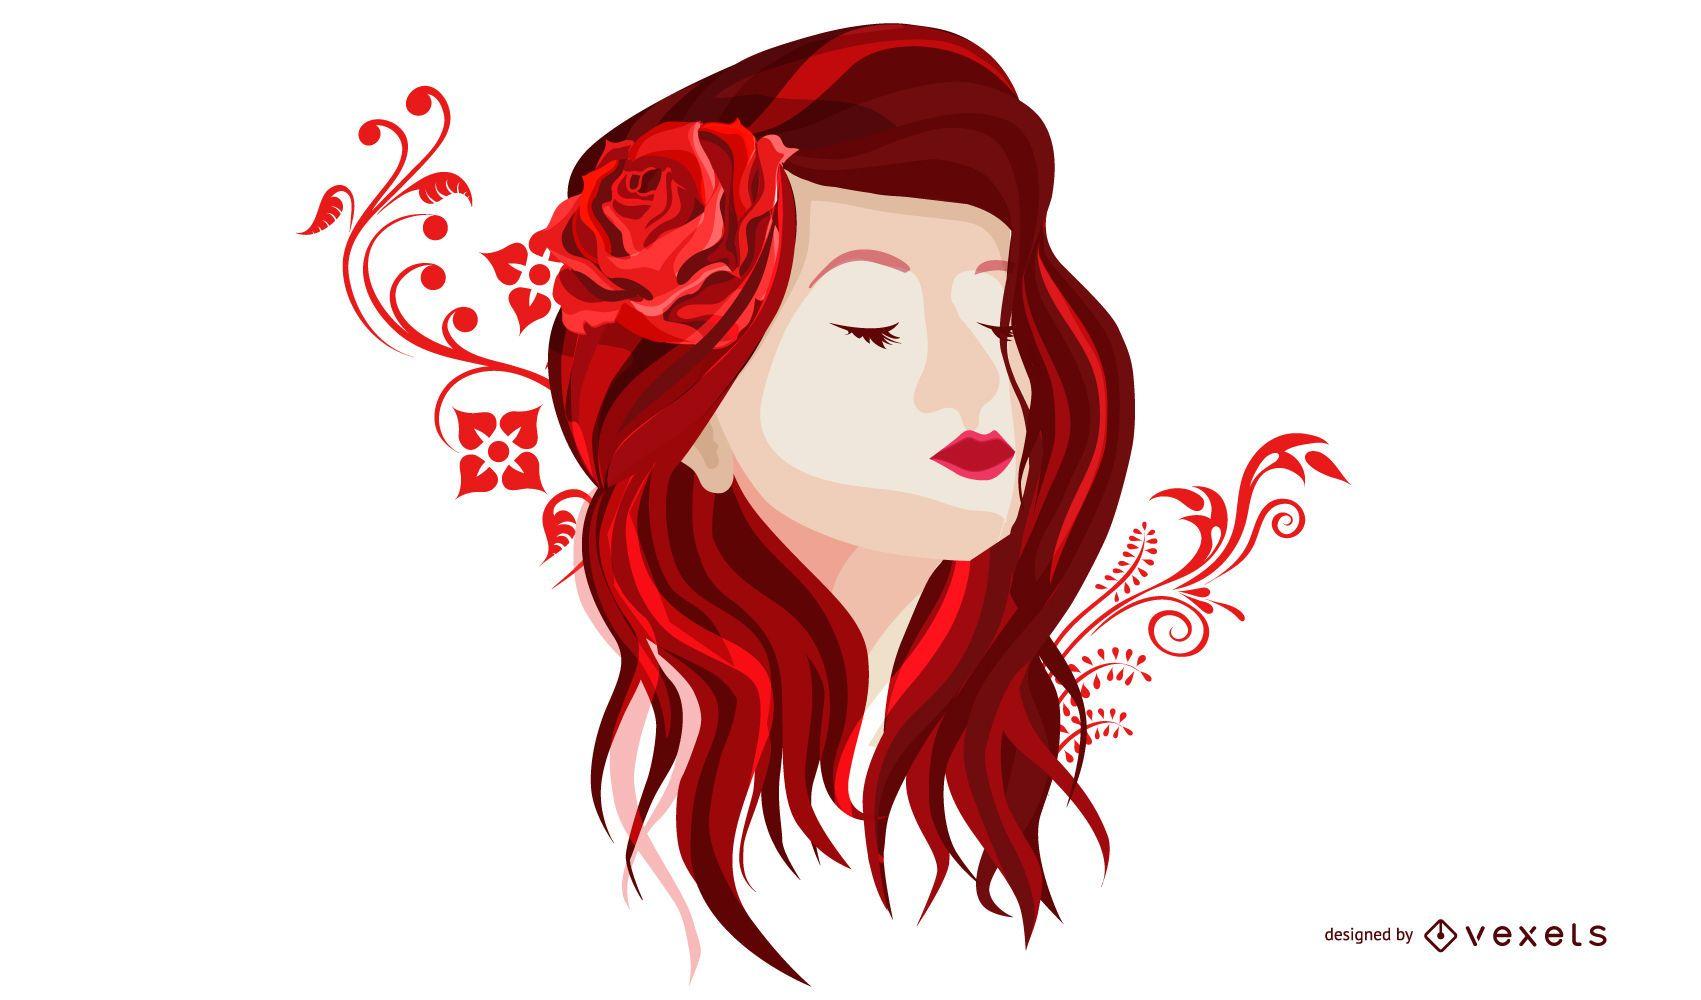 Decora??o de menina rosa vermelha